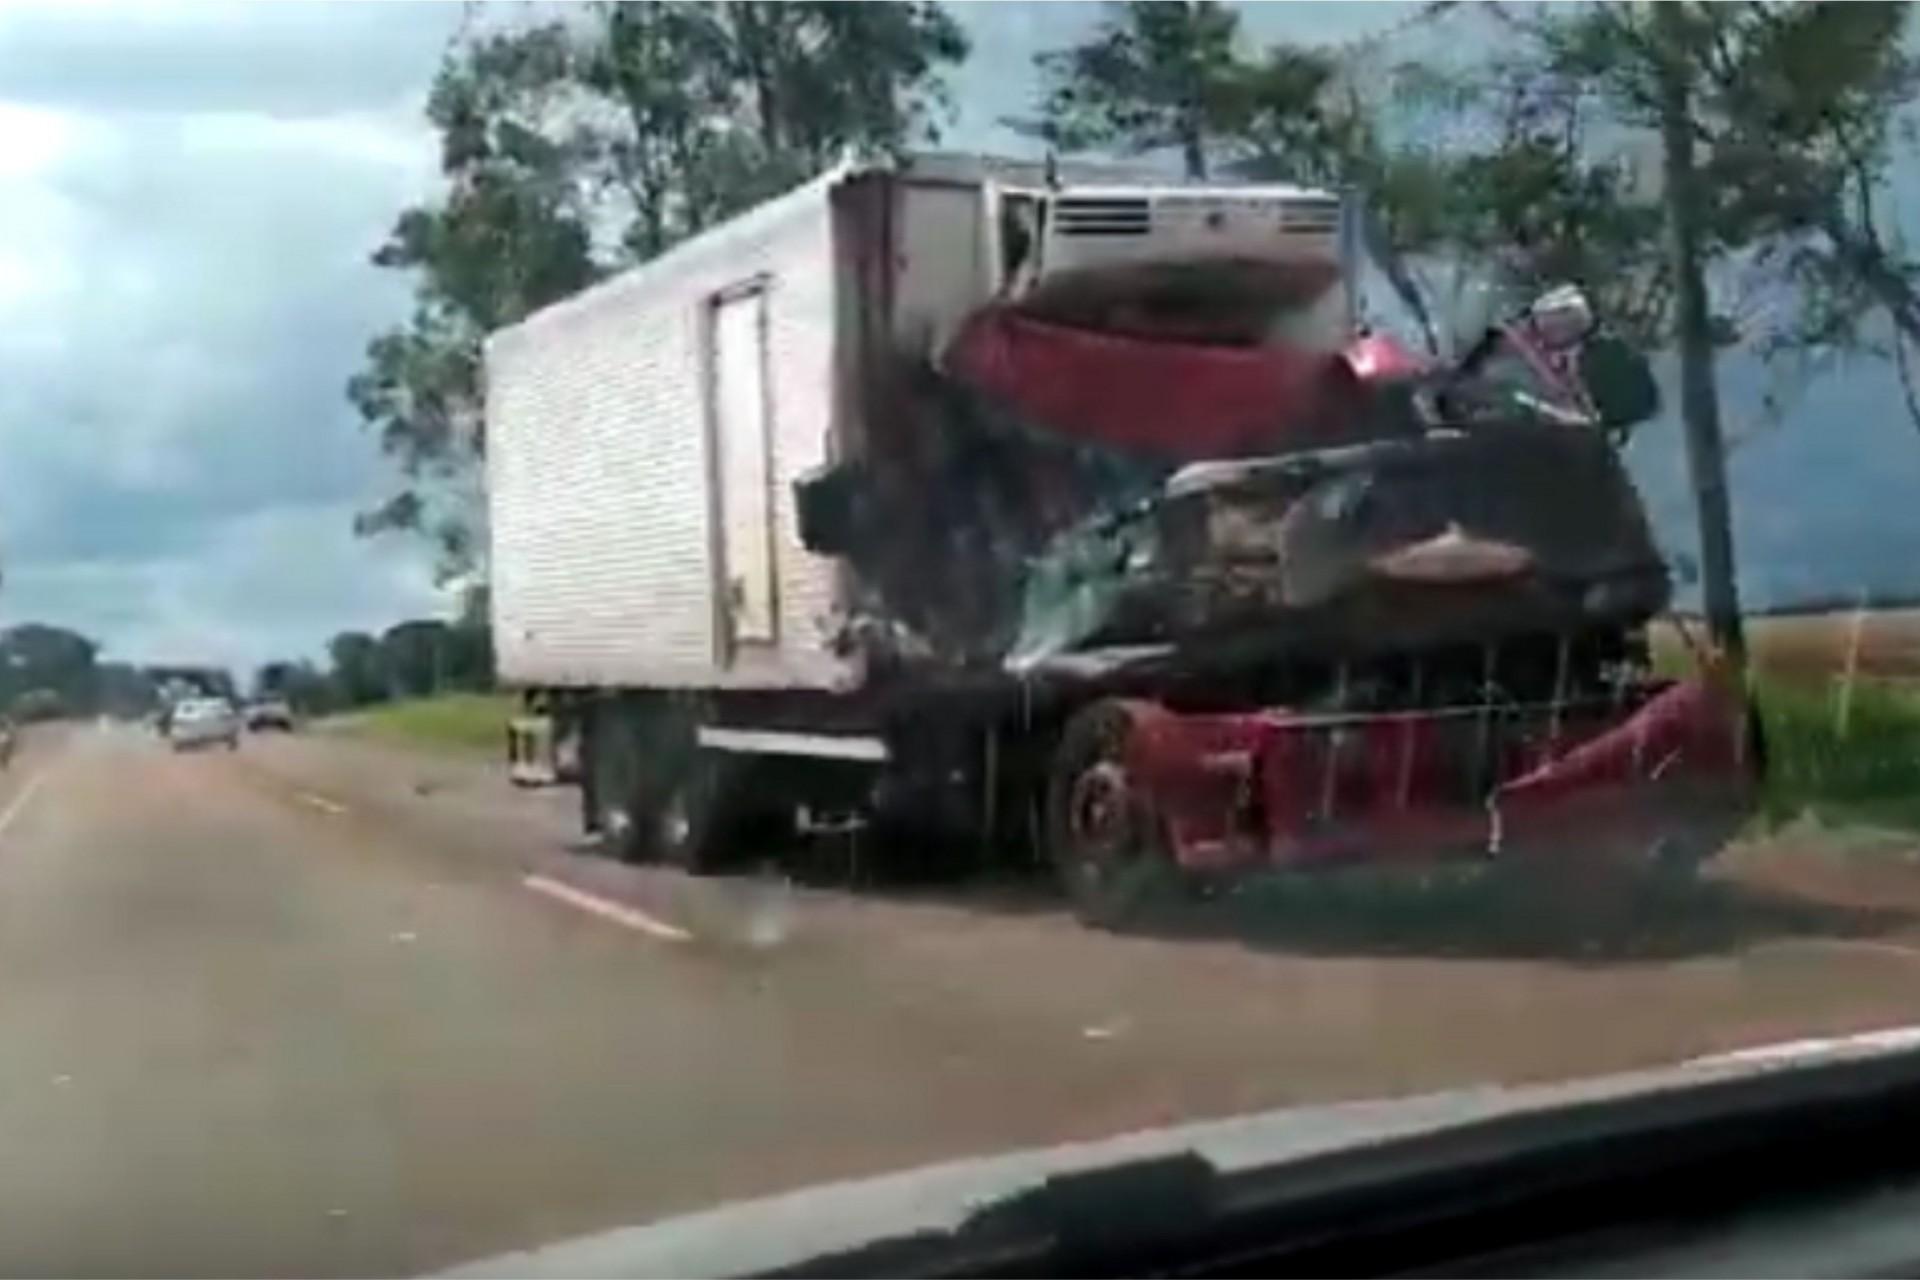 Caminhão de Medianeira se envolve em acidente próximo à Dourados no Mato Grosso do Sul